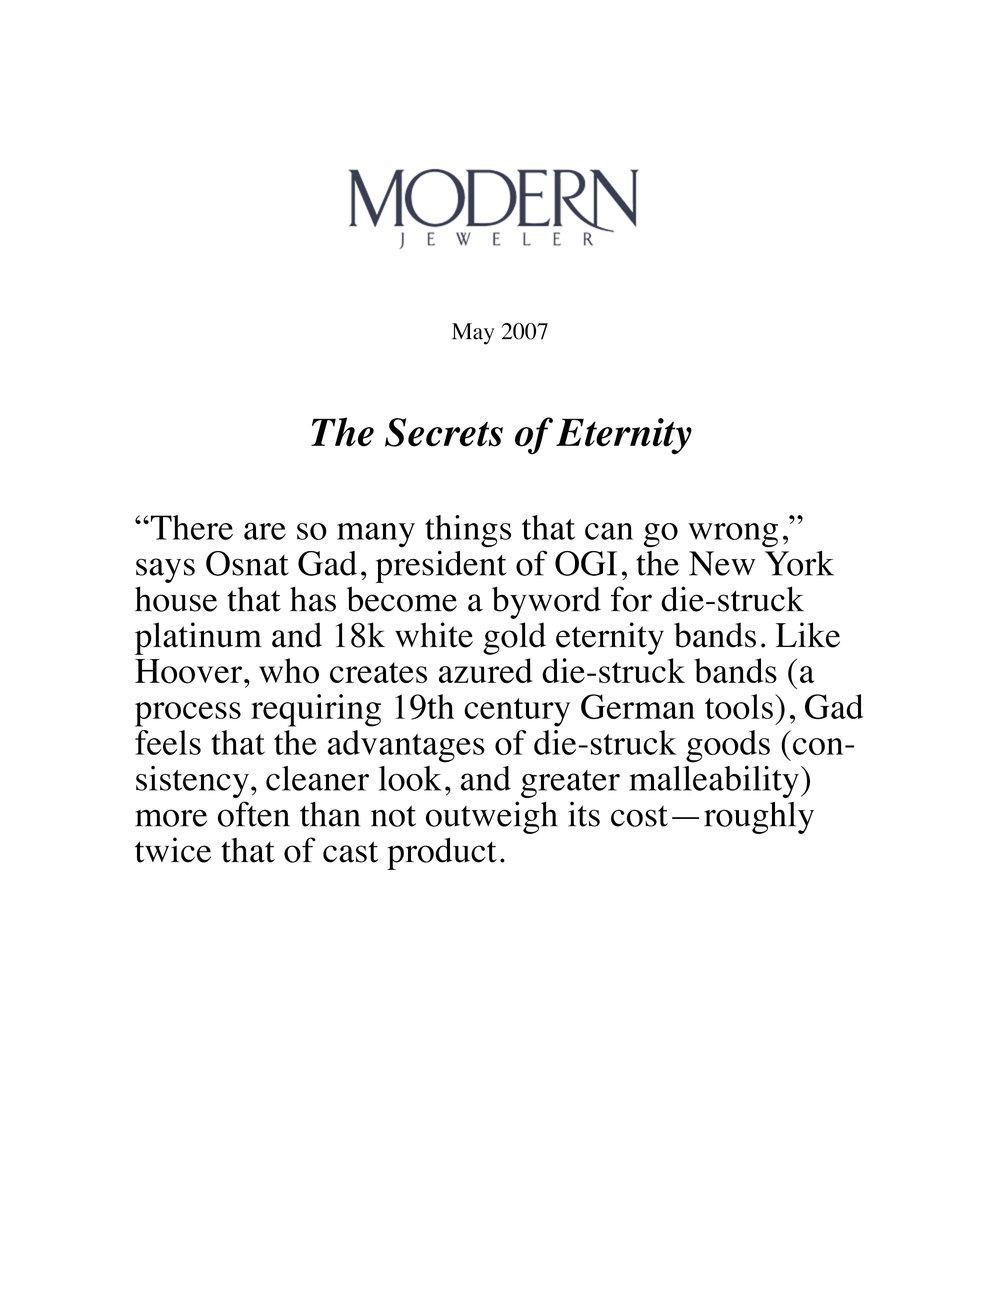 modernjeweler.jpg